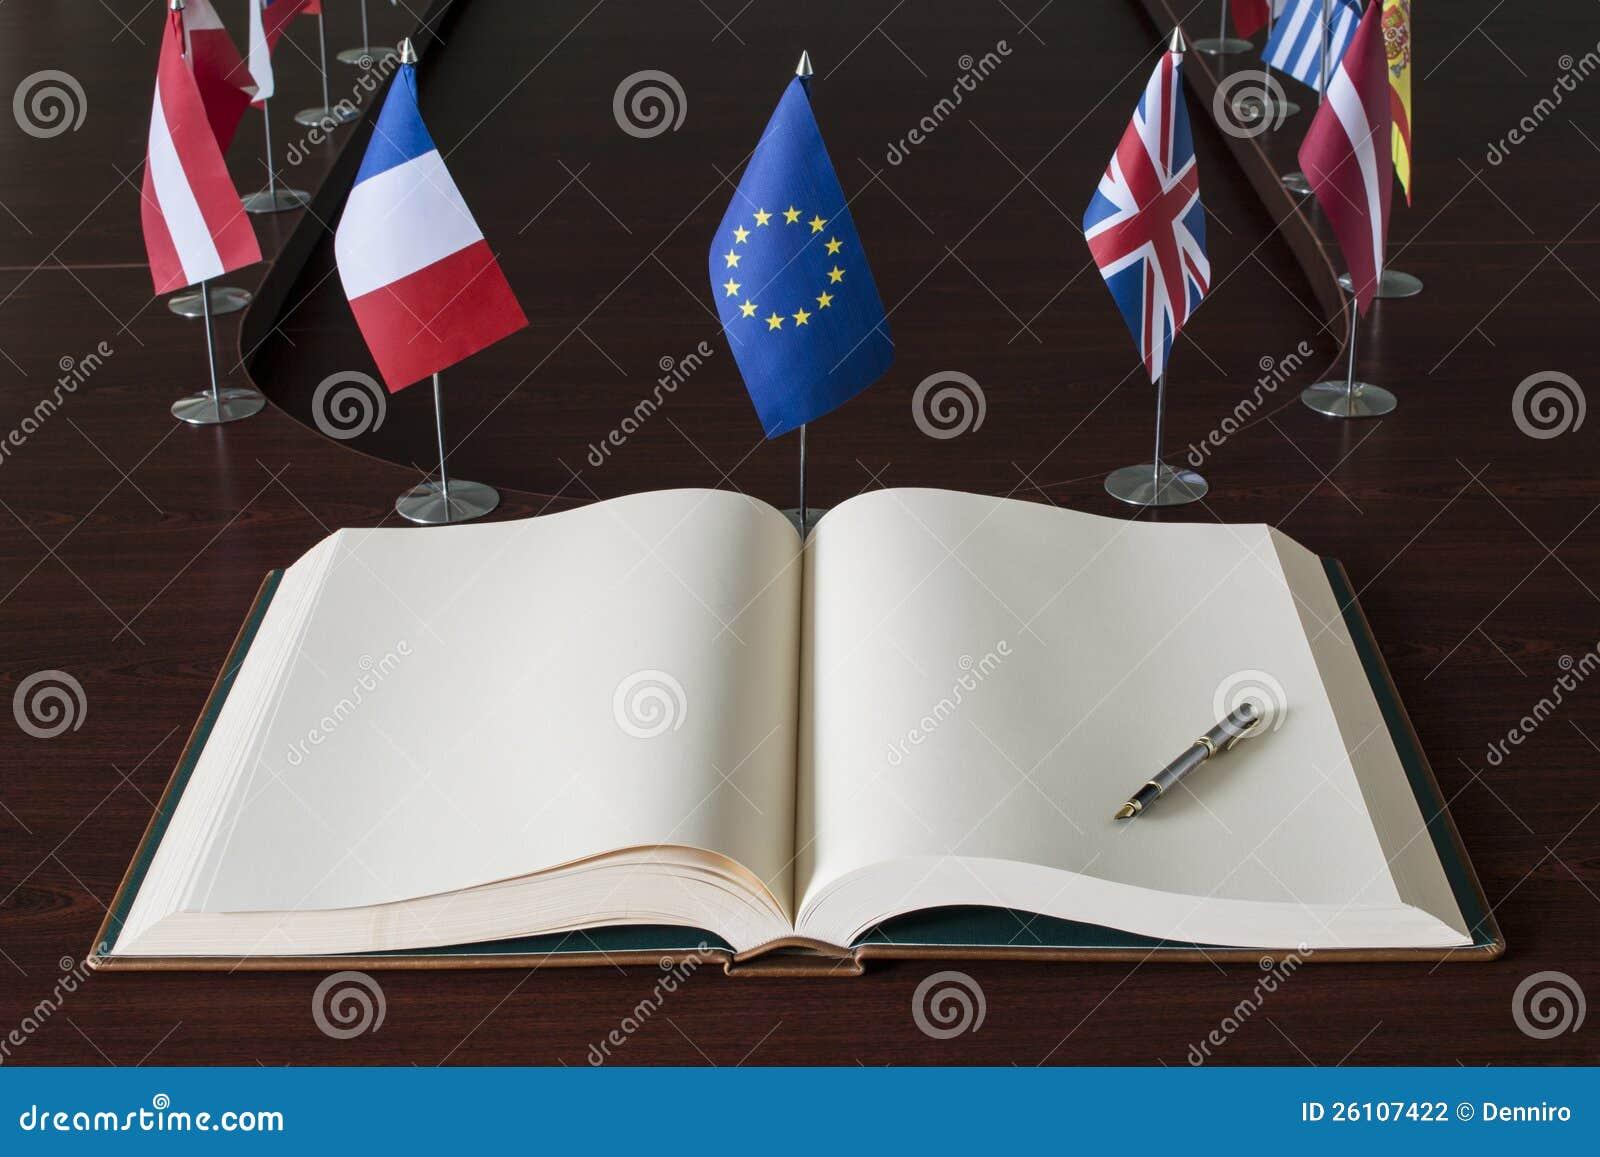 Open spread book, fountain pen, EU (European Unio